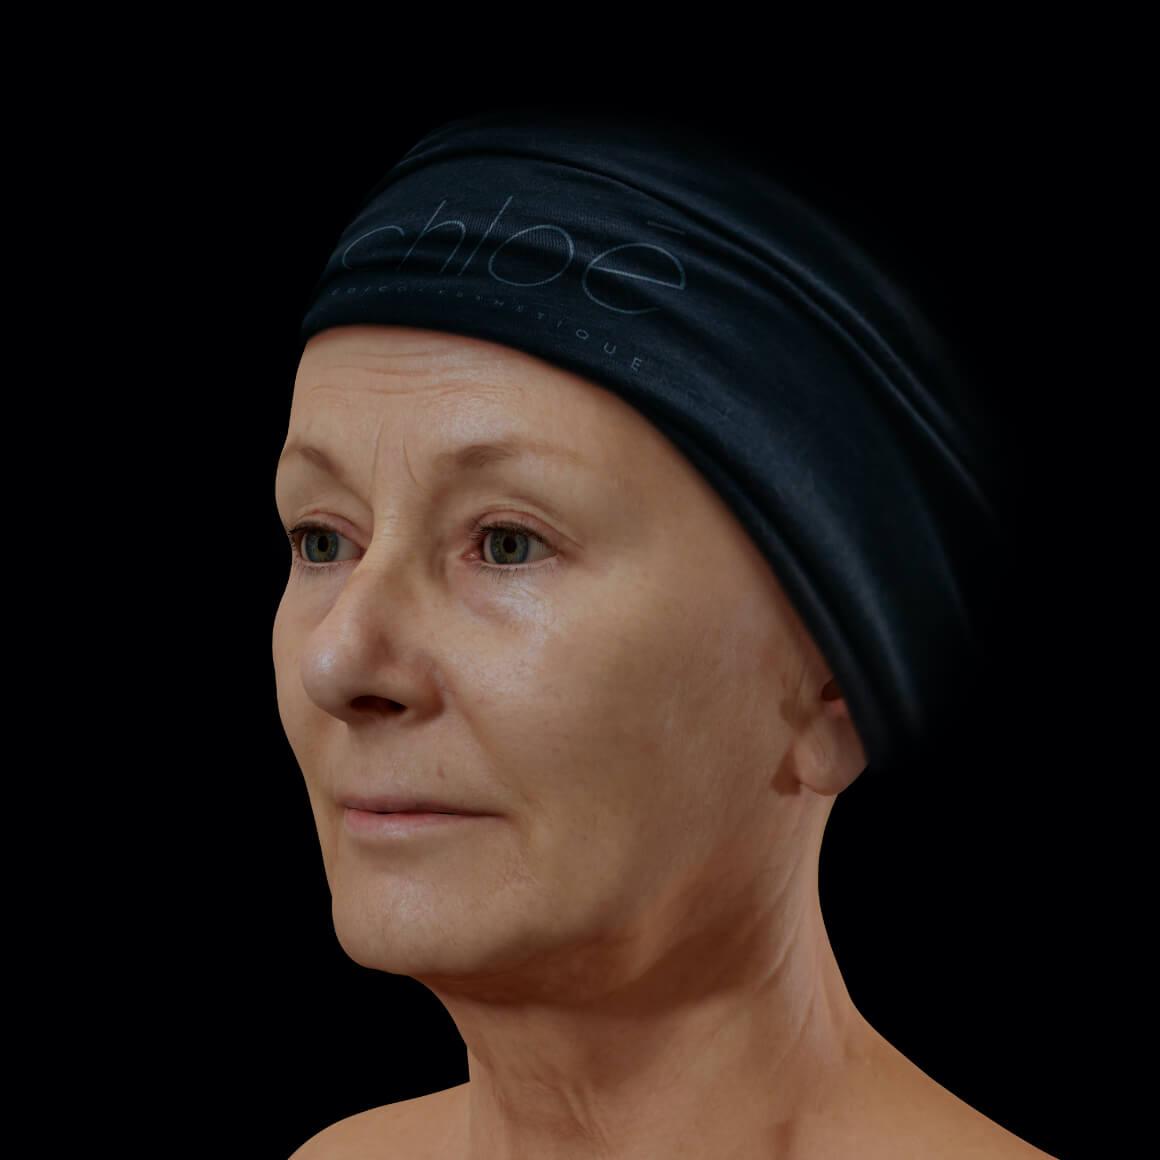 Patiente à la Clinique Chloé vue en angle aux prises avec des rides et ridules au niveau du visage